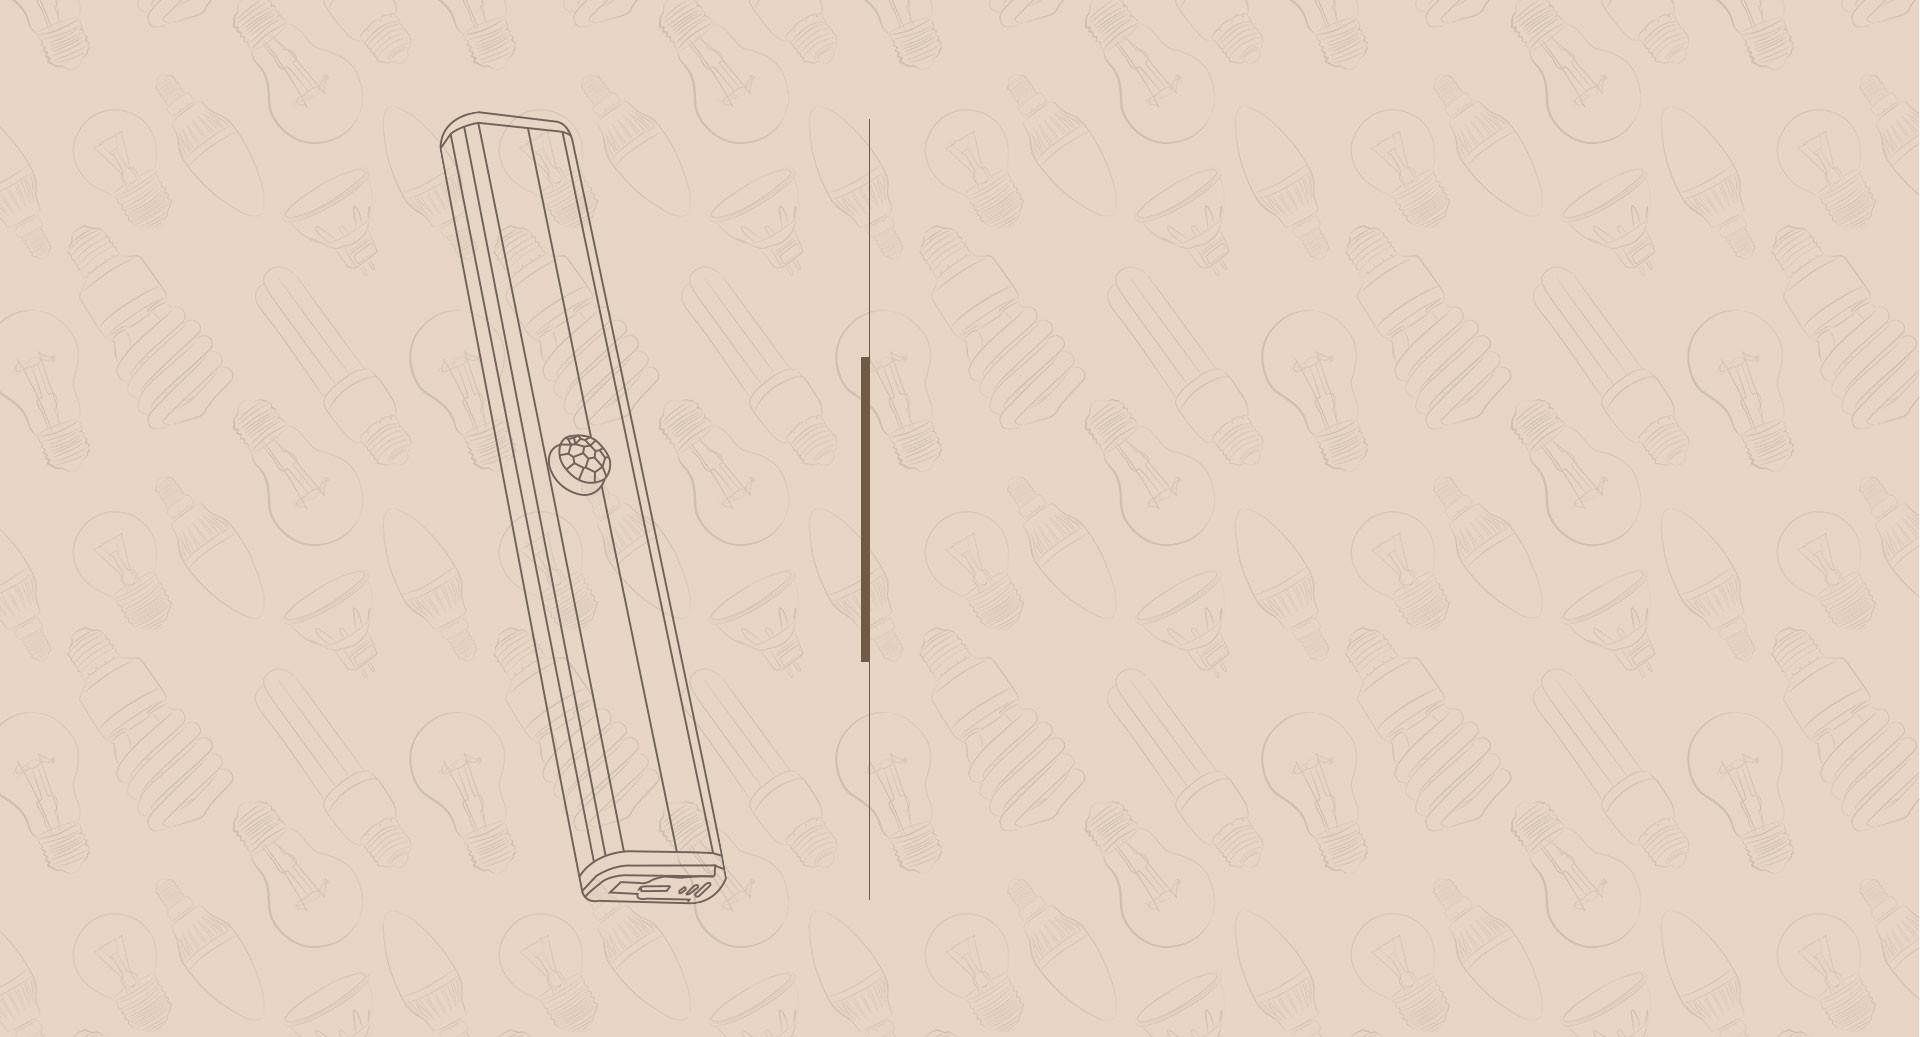 画板-1-拷贝-2_08.jpg